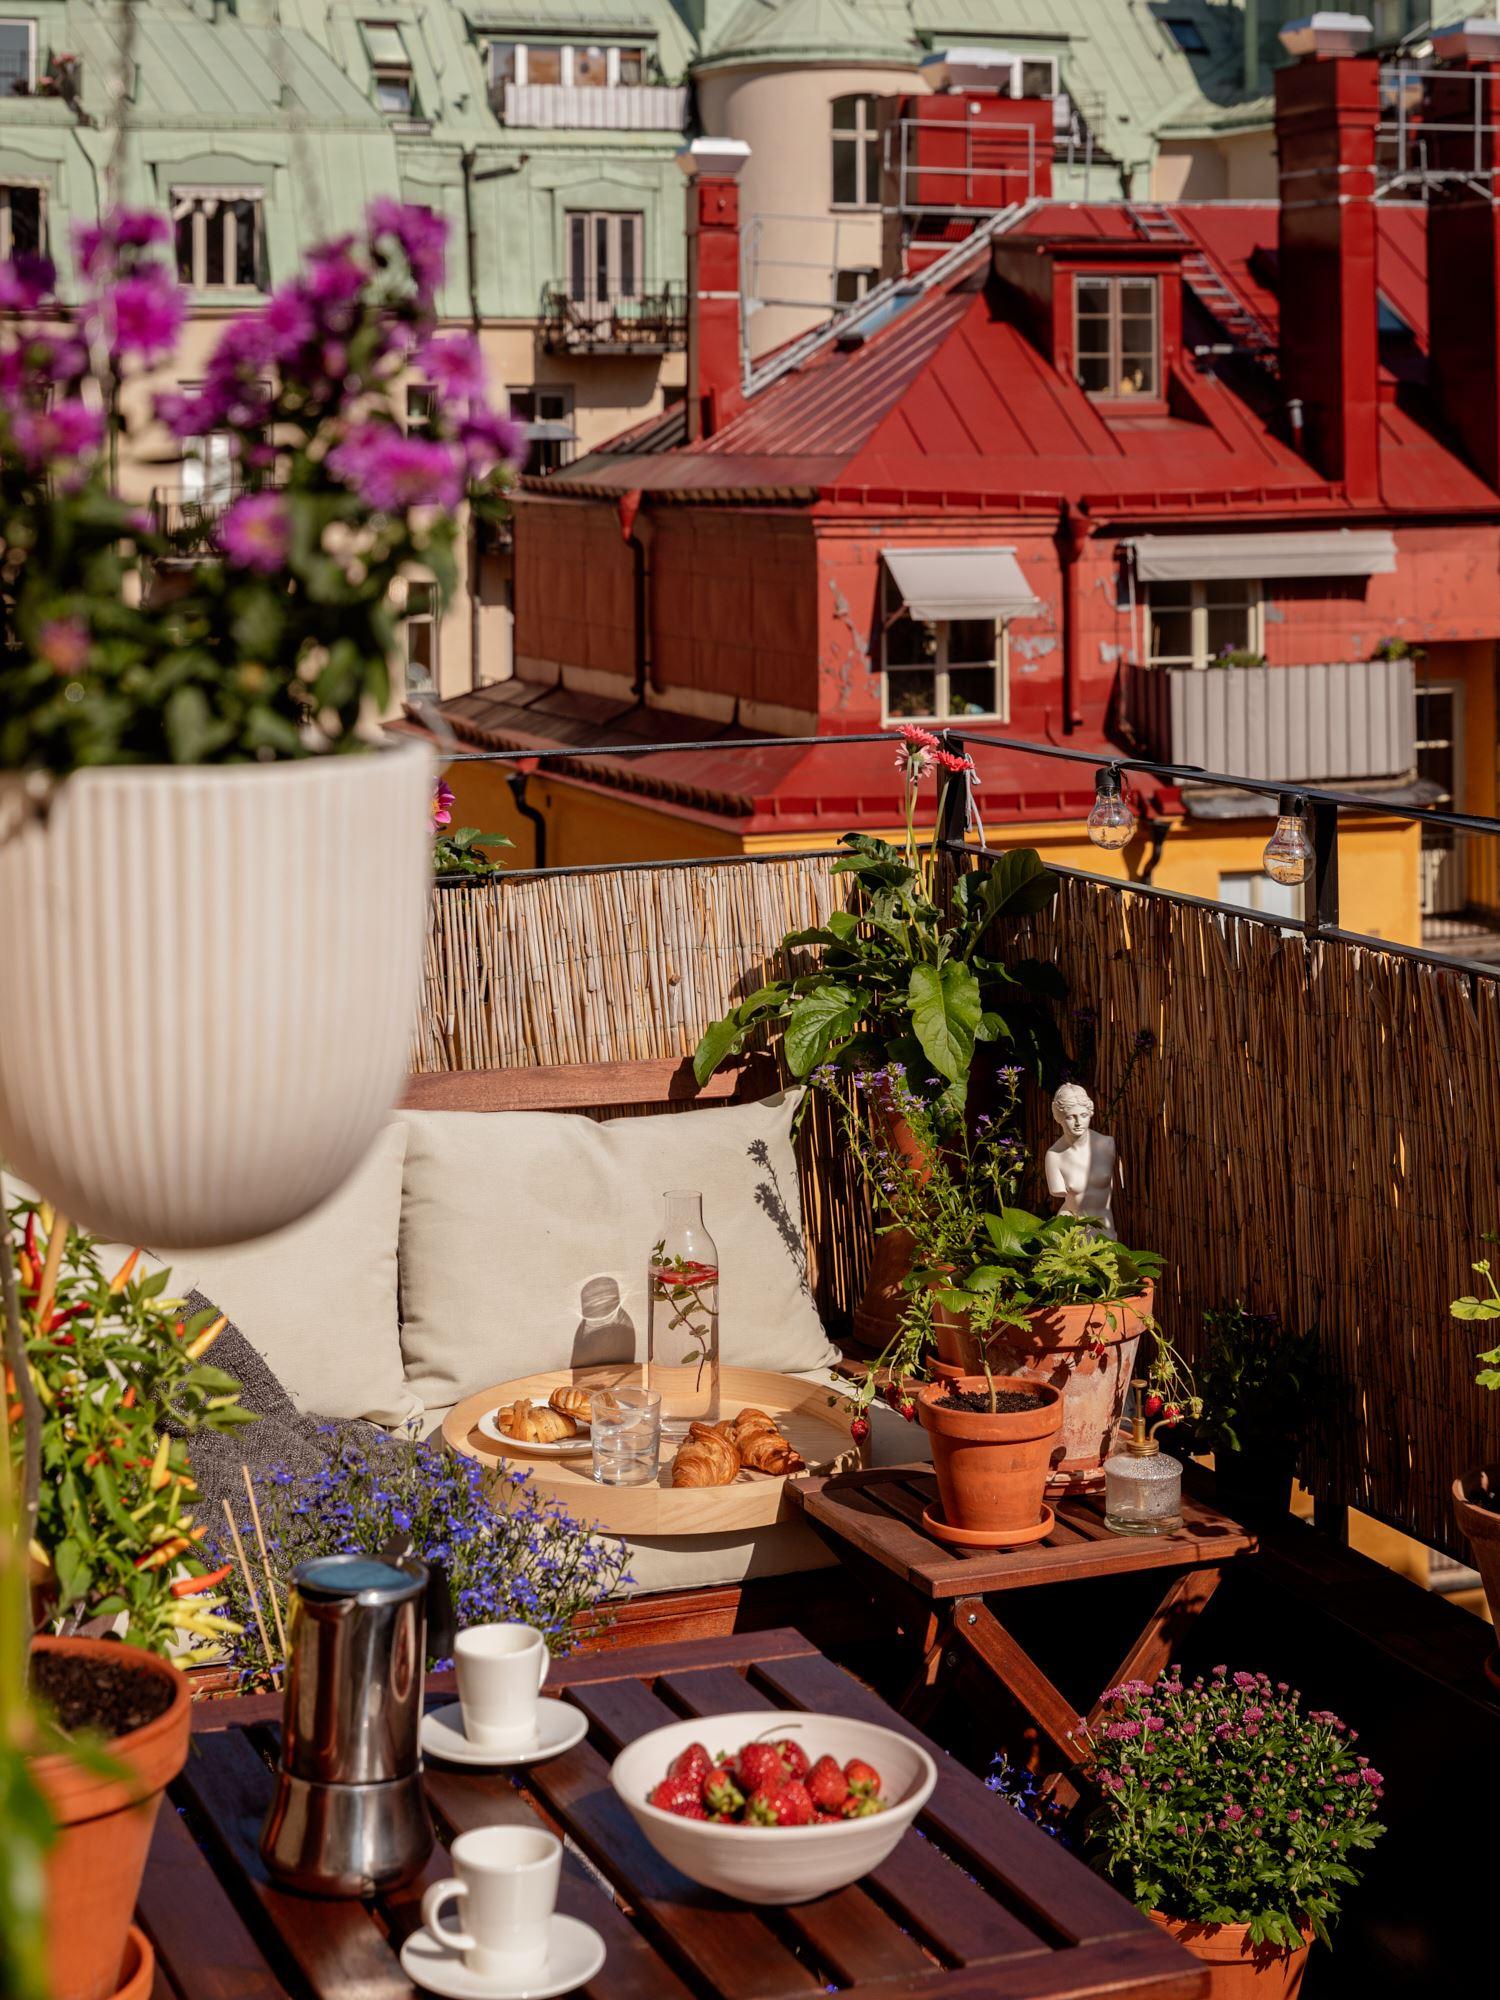 thatscandinavianfeeling cozy balcony scandinavian hygge 2